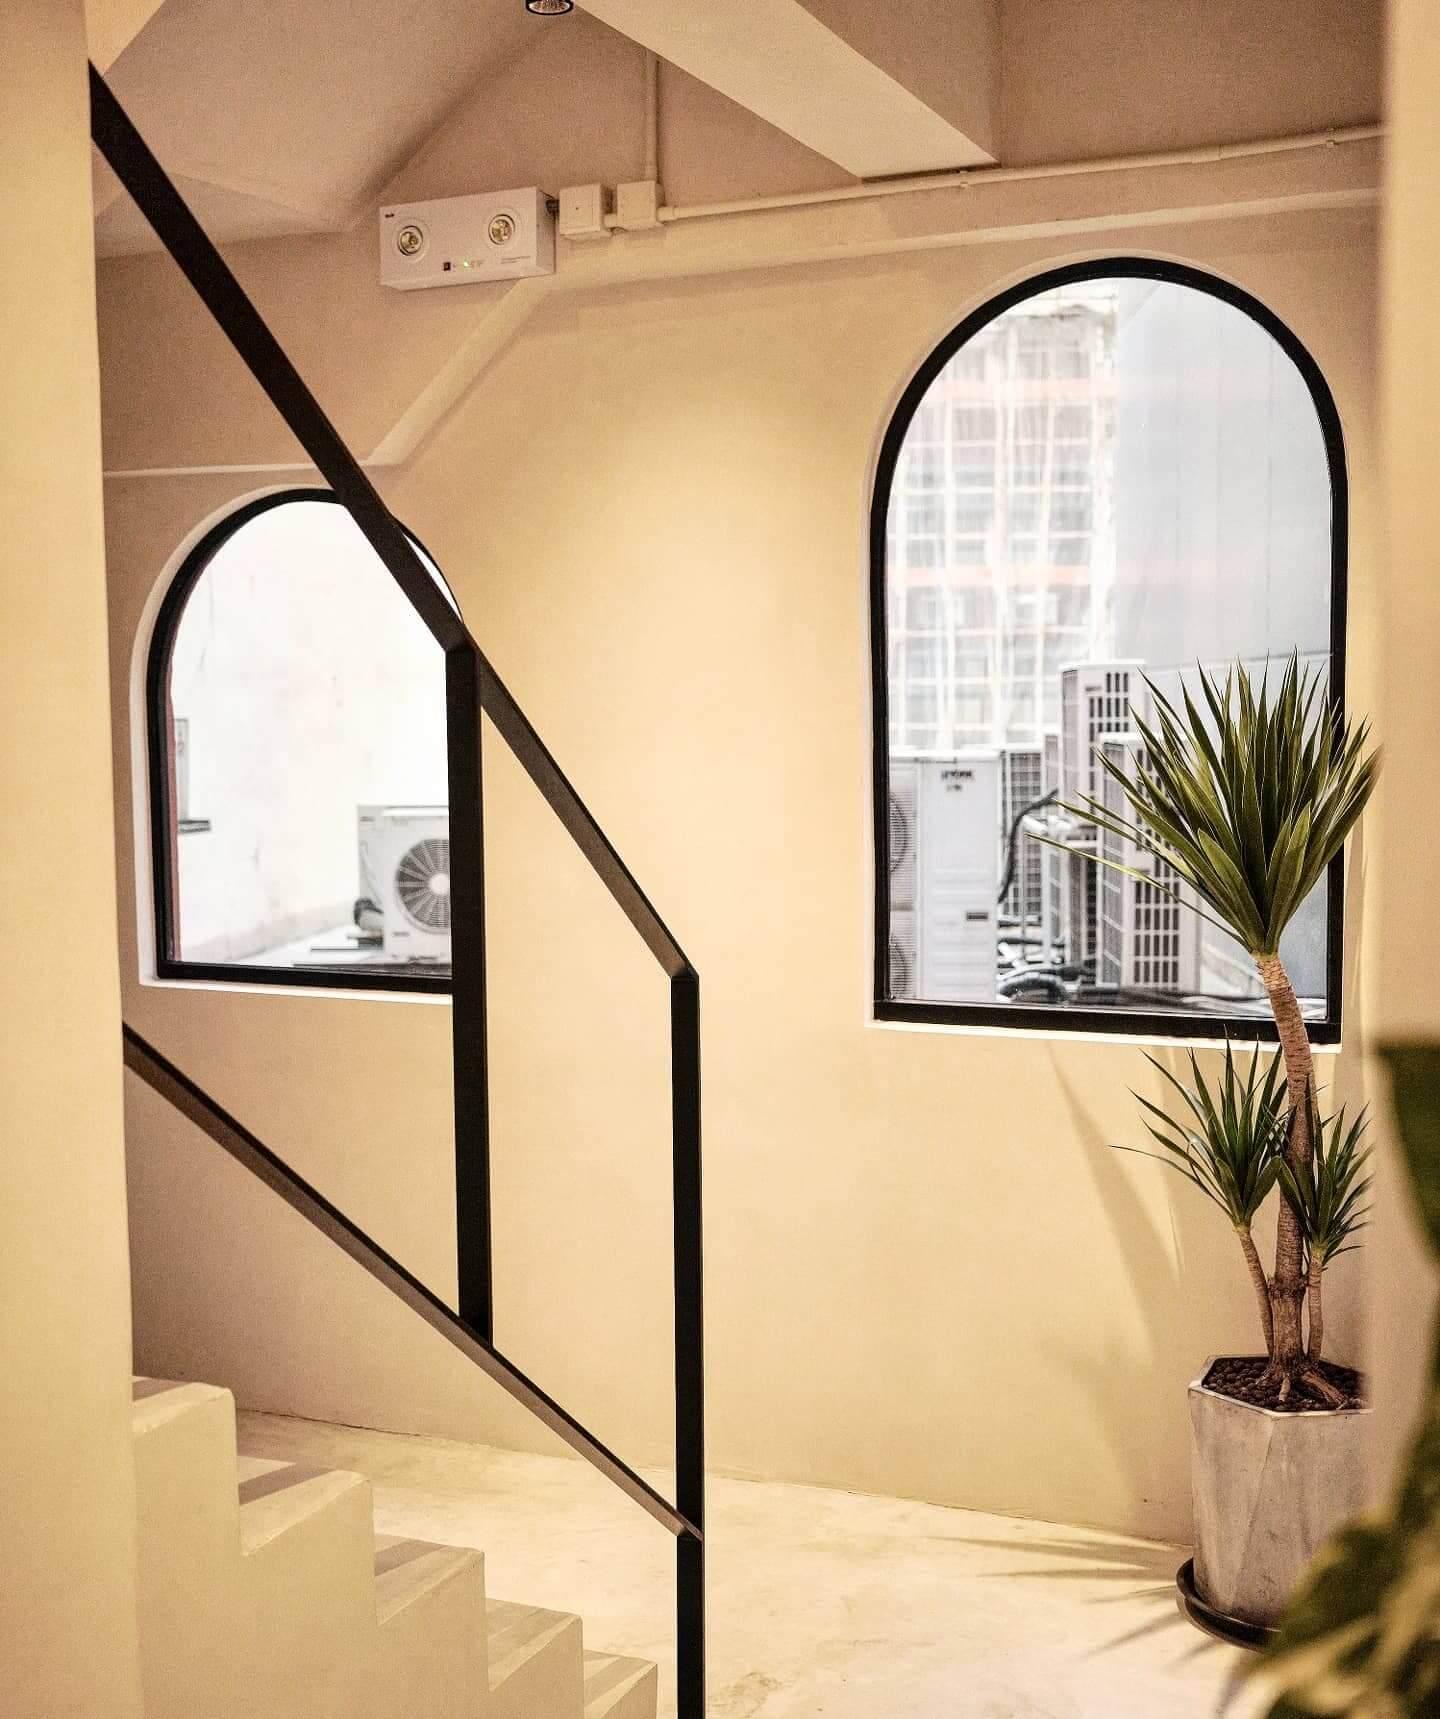 白拱形門、各式觀葉植物、磚牆、孤形置物架,以及隱藏喺白牆嘅motto,每個細節都非常用心。